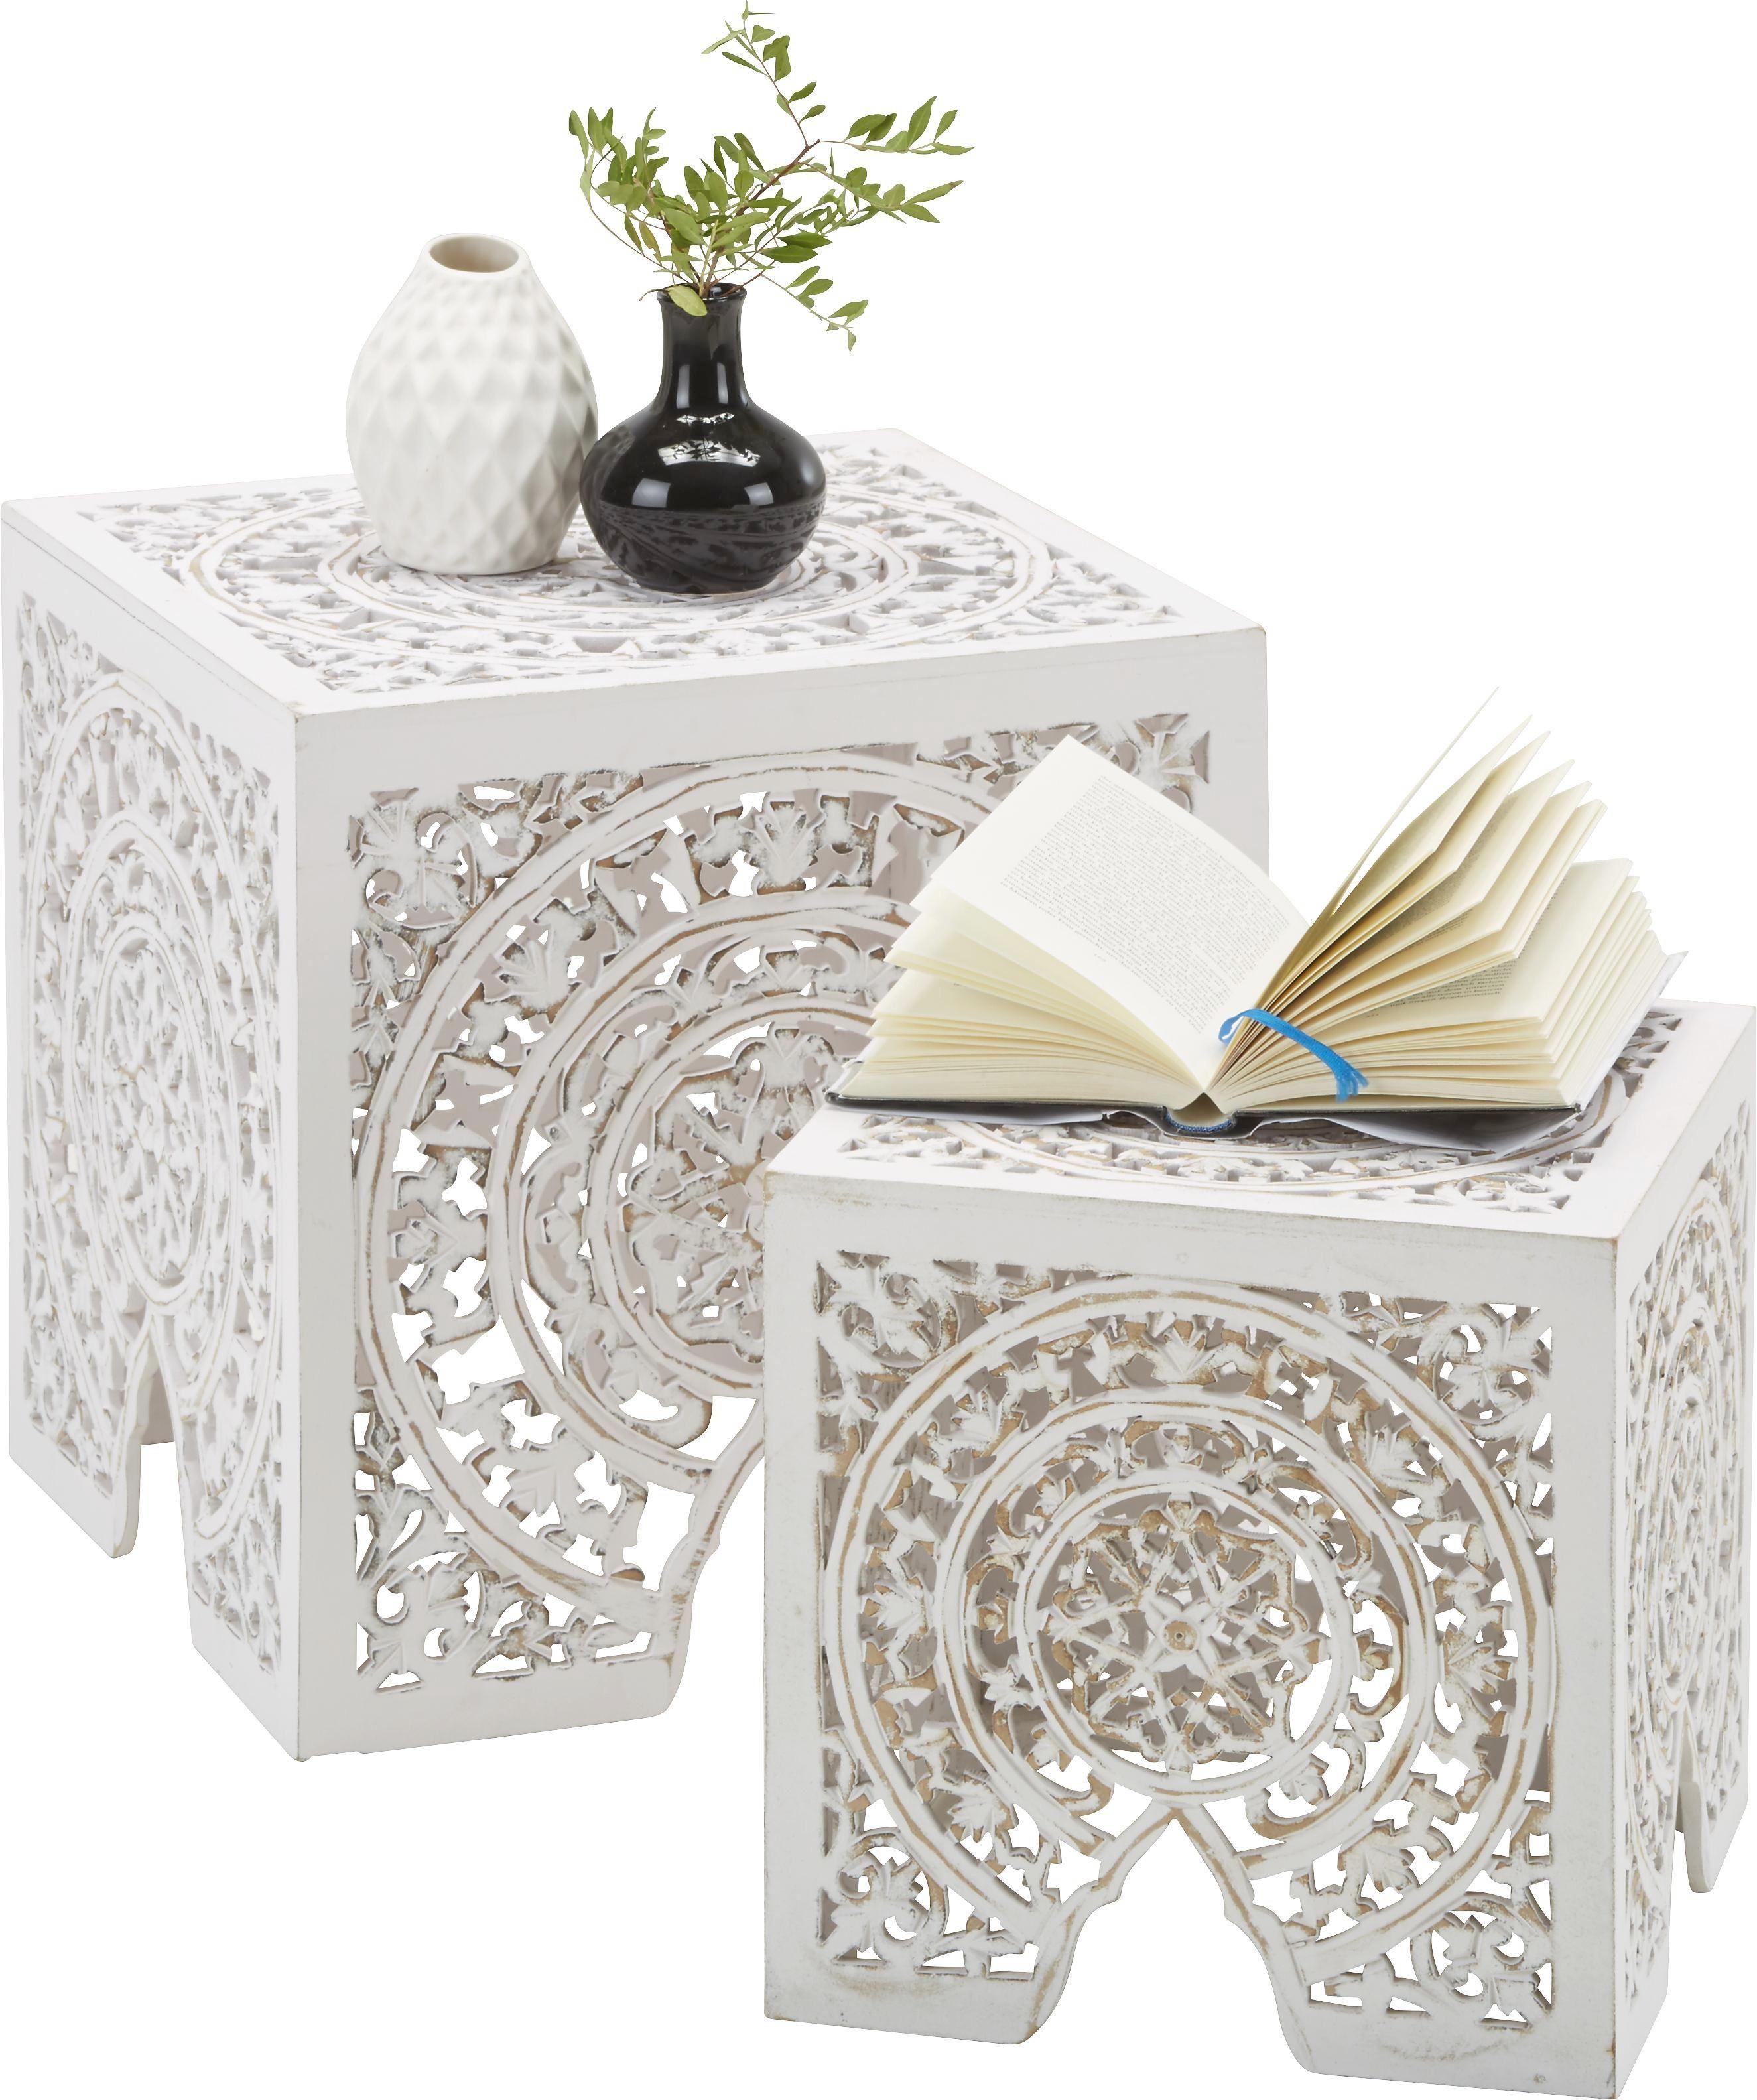 Taupe Farbe Dekorative Ideen Für Ihr Zuhause: 2-er Set Beistelltisch In Weiß